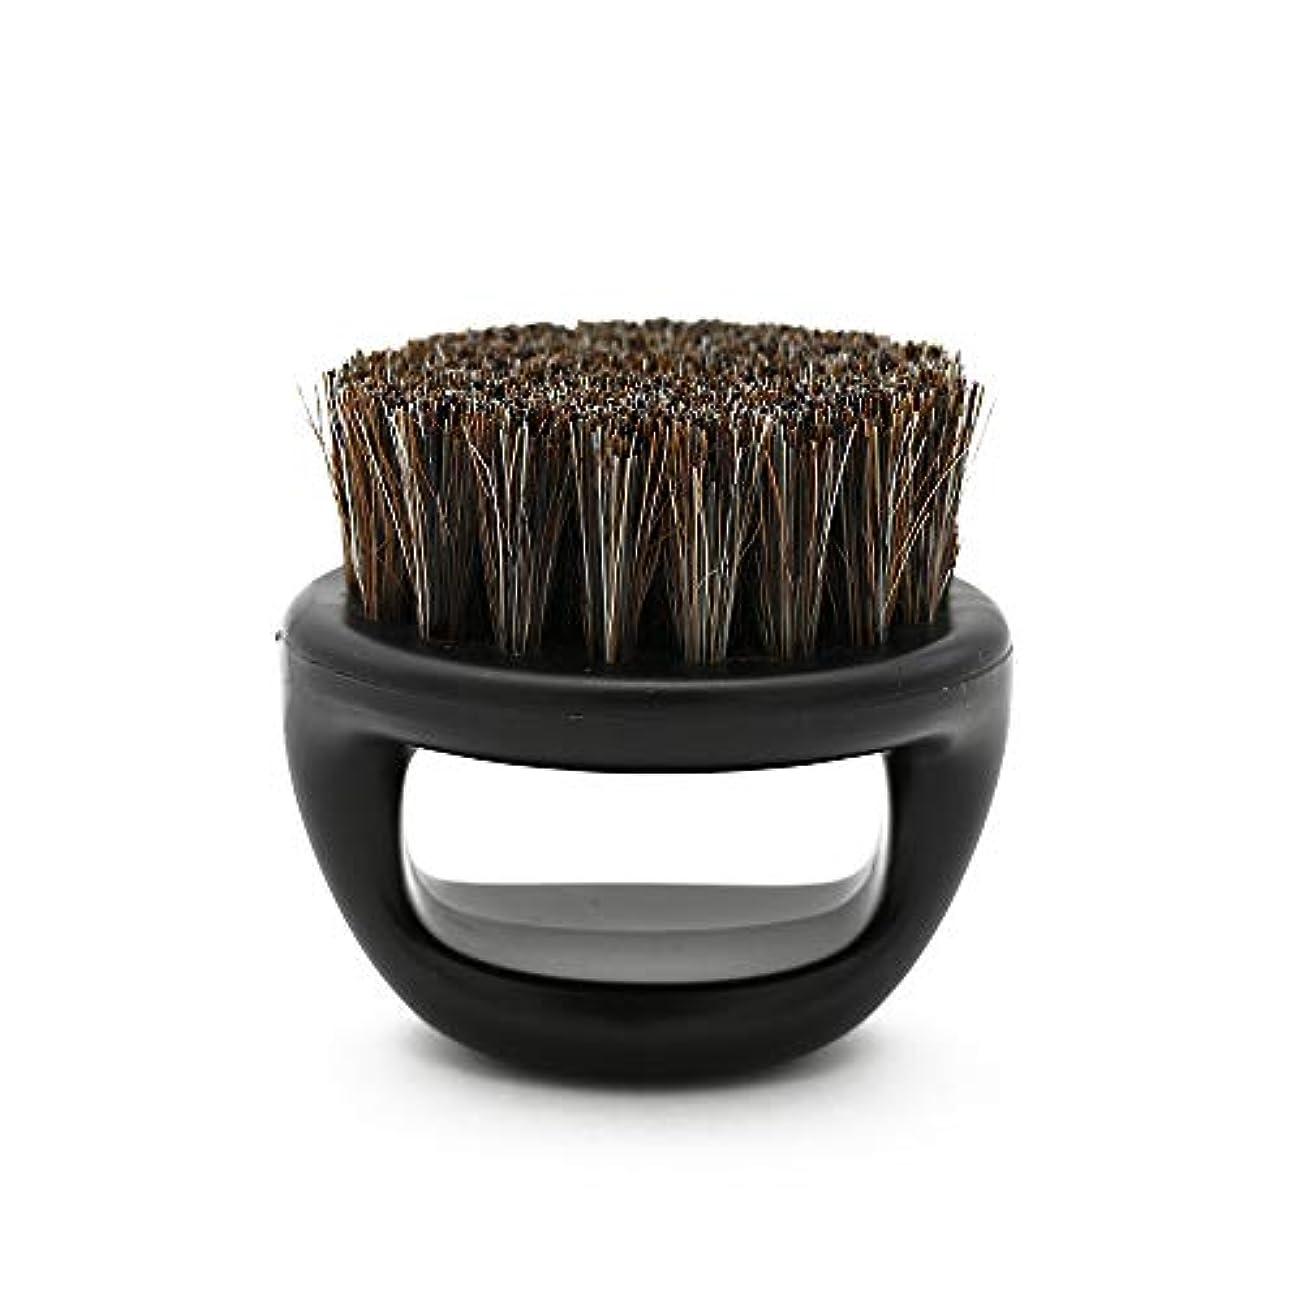 出席正午鳴り響くCUHAWUDBA 1個リングデザイン馬毛メンズシェービングブラシプラスチック製の可搬式理容ひげブラシサロンフェイスクリーニングかみそりブラシ(ブラック)